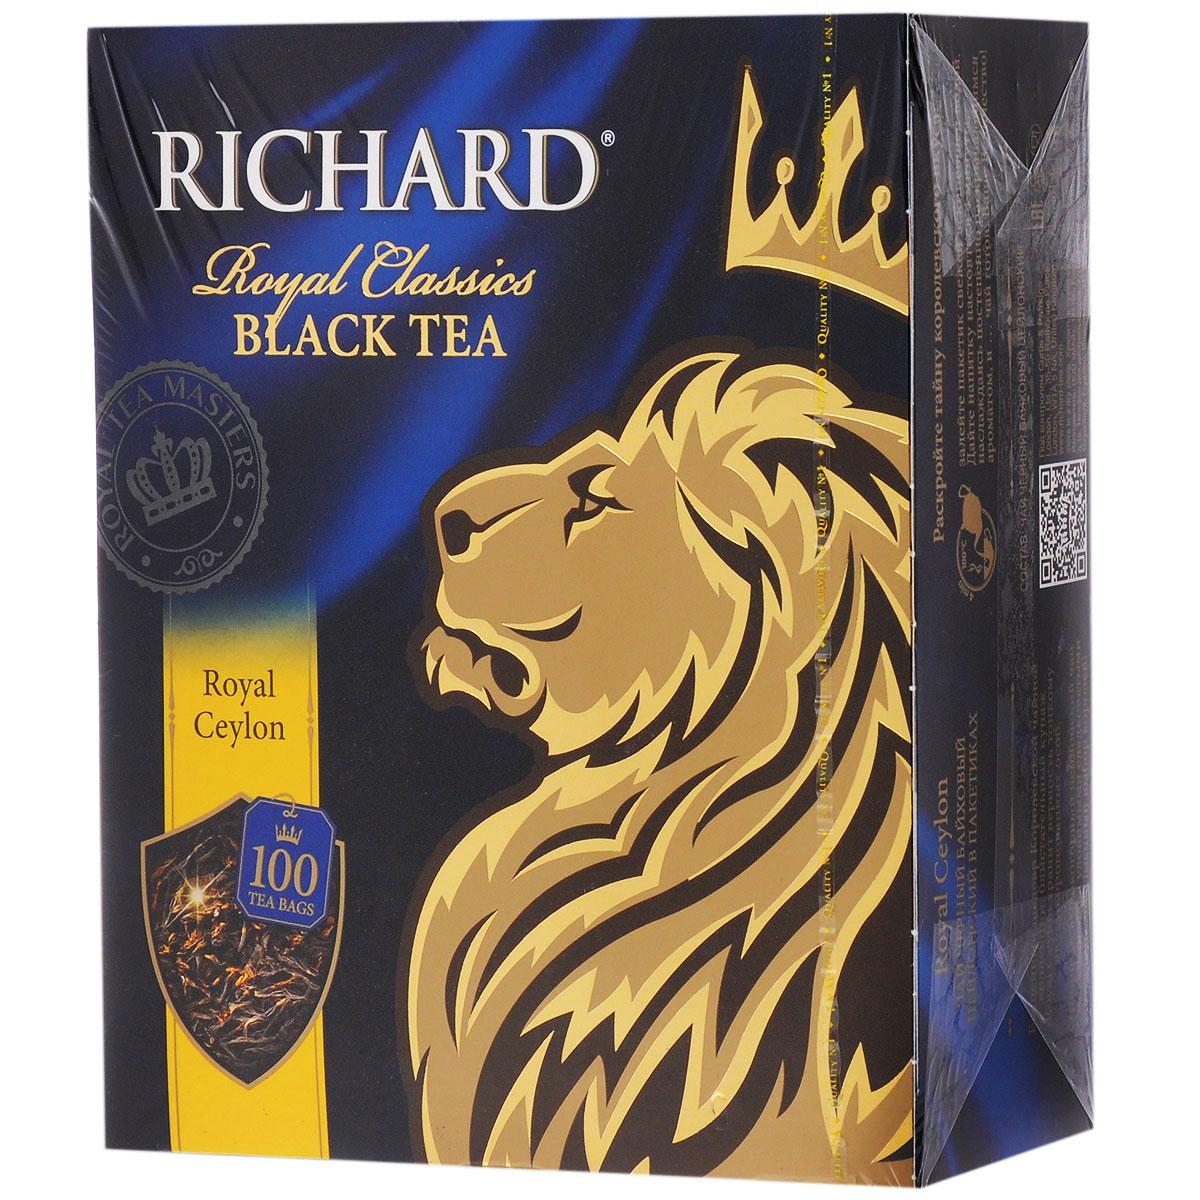 Richard Royal Ceylon черный чай в пакетиках, 100 шт0120710Richard Royal Ceylon - черный цейлонский чай в пакетиках, который подарит вам классический вкус и аромат каждое утро.